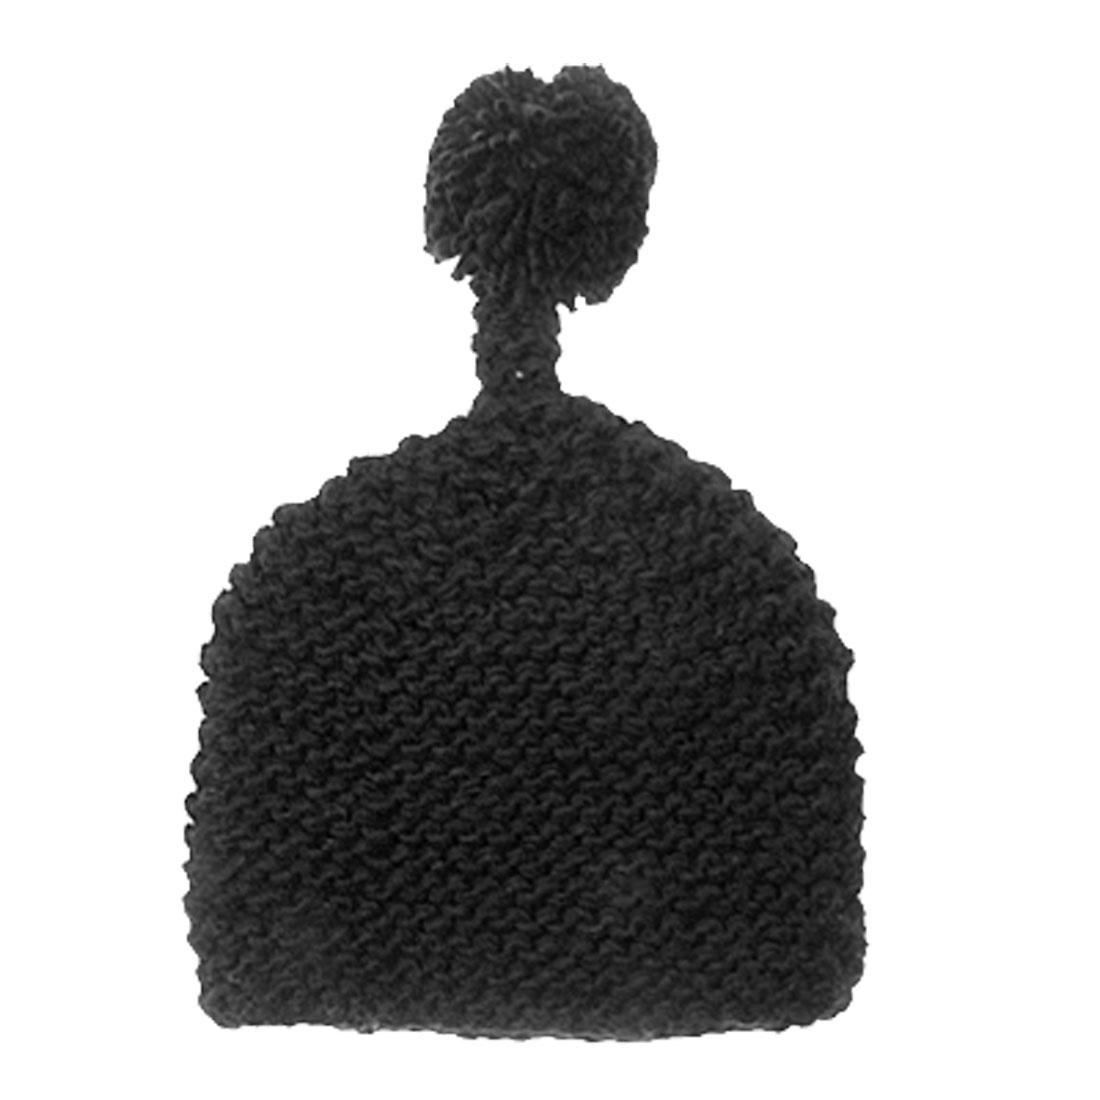 Ladies Hand Knit Pom Hat Winter Warm Beanie Cap Black